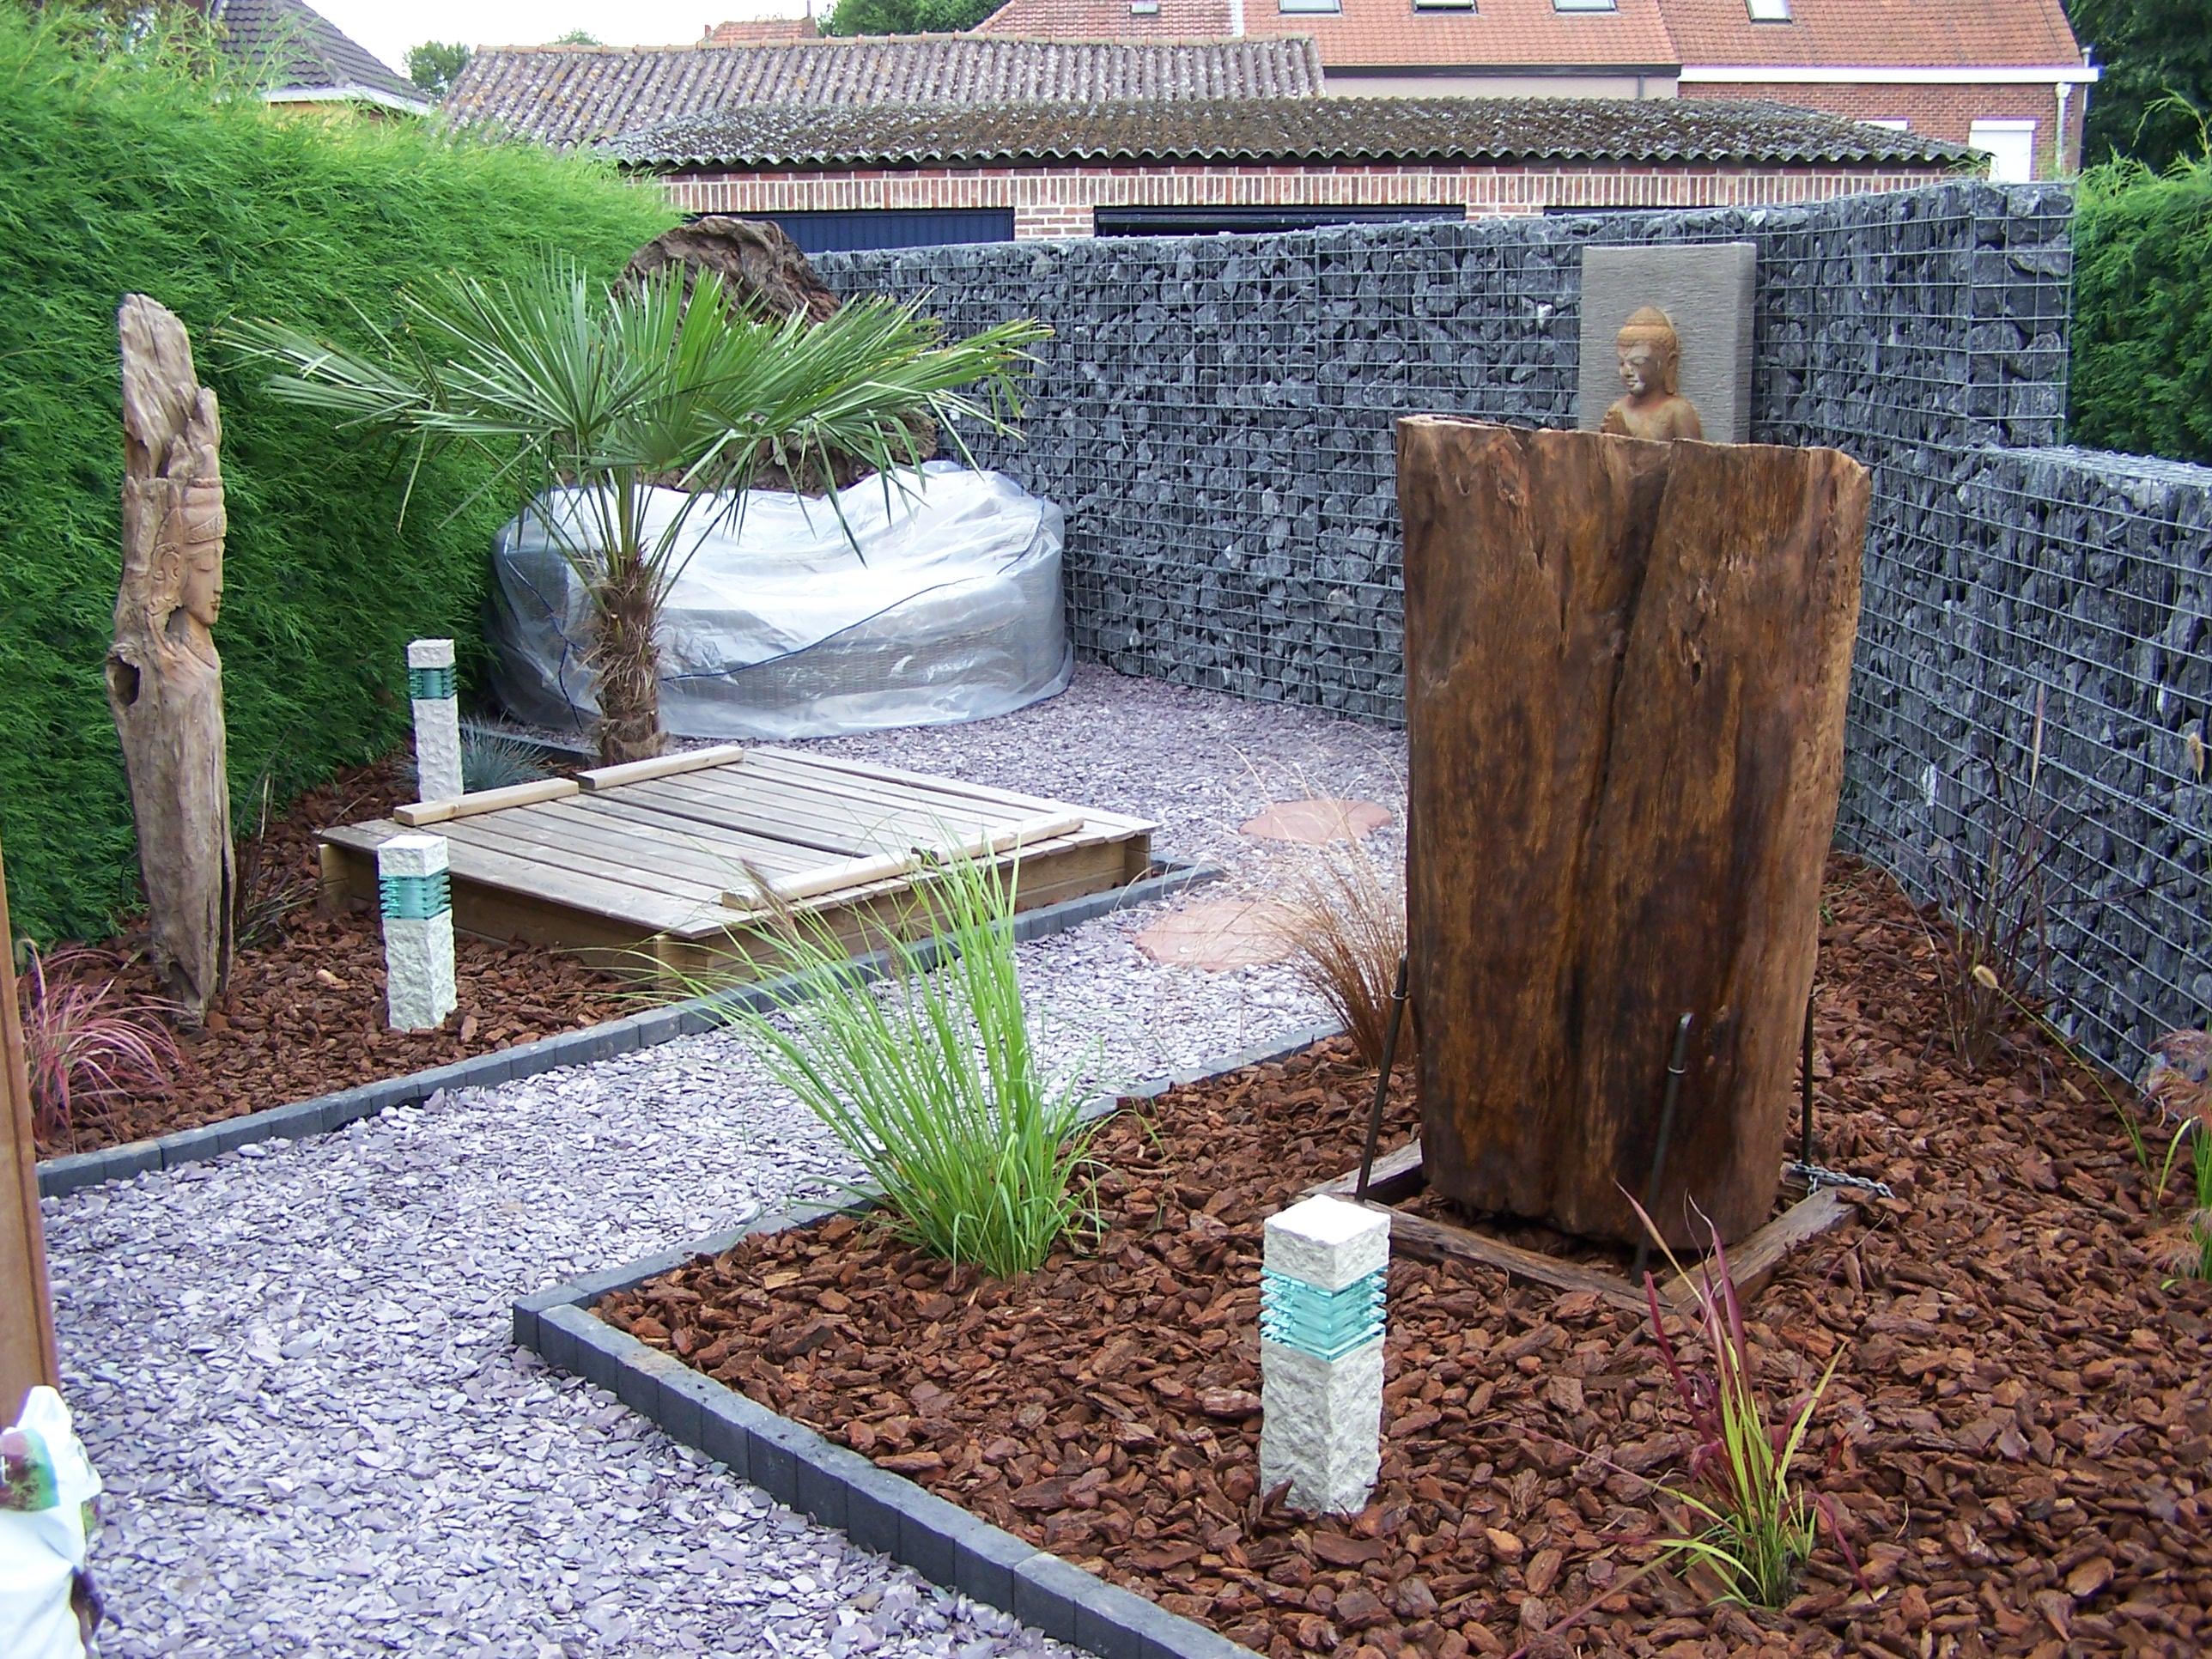 steenkorven omheining tuin - Steenkorven: duurzaam en flexibel